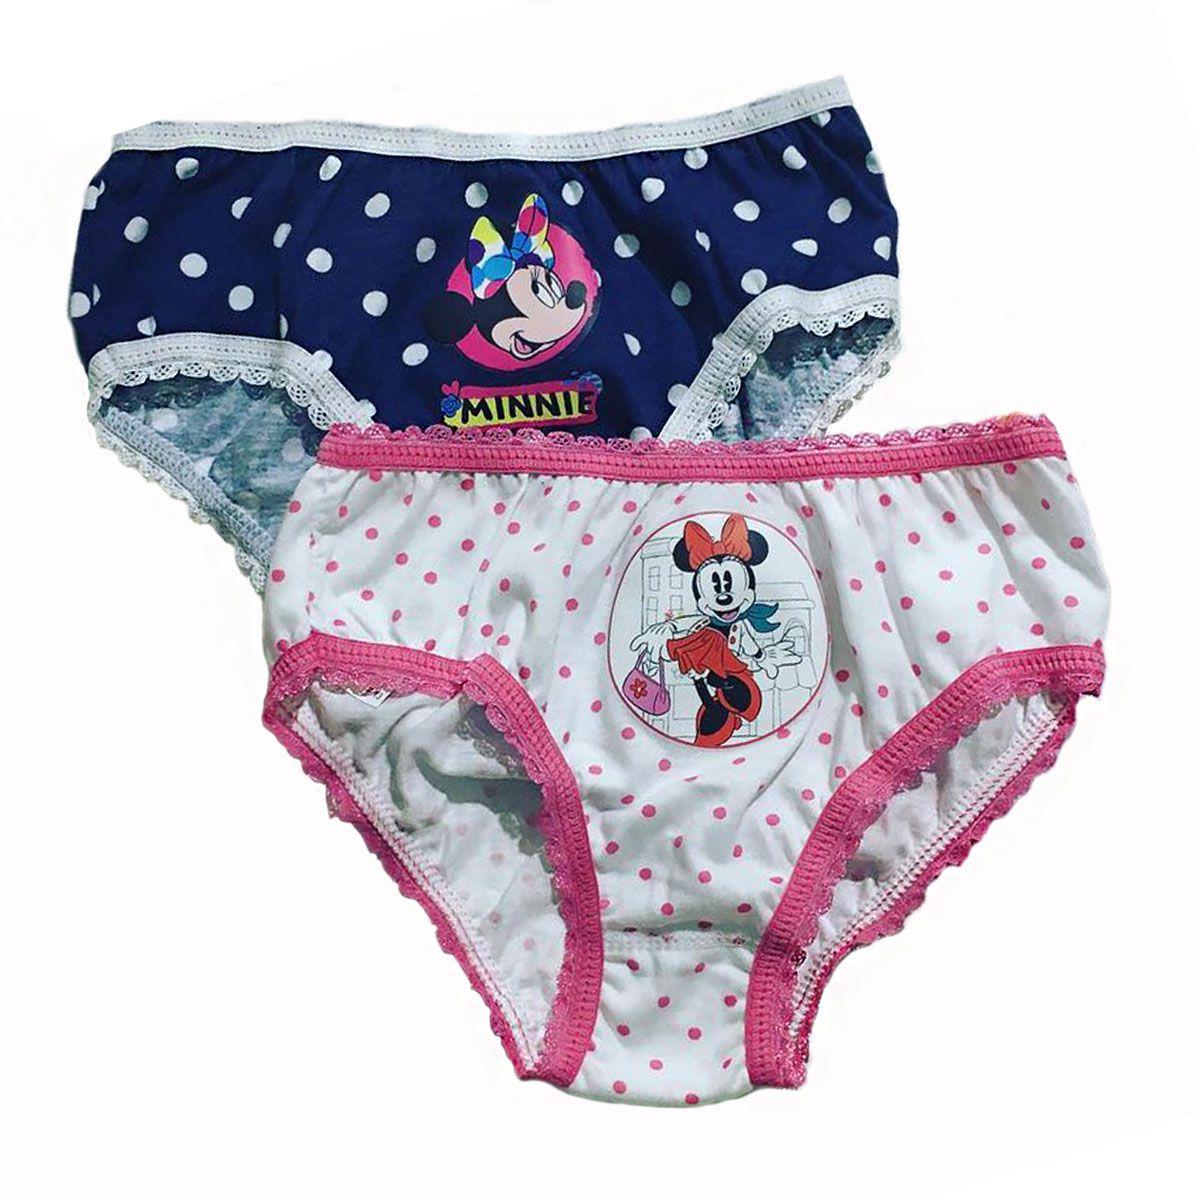 Calcinha infantil feminina algodão Kit com 2 estampada Minnie  Lupo